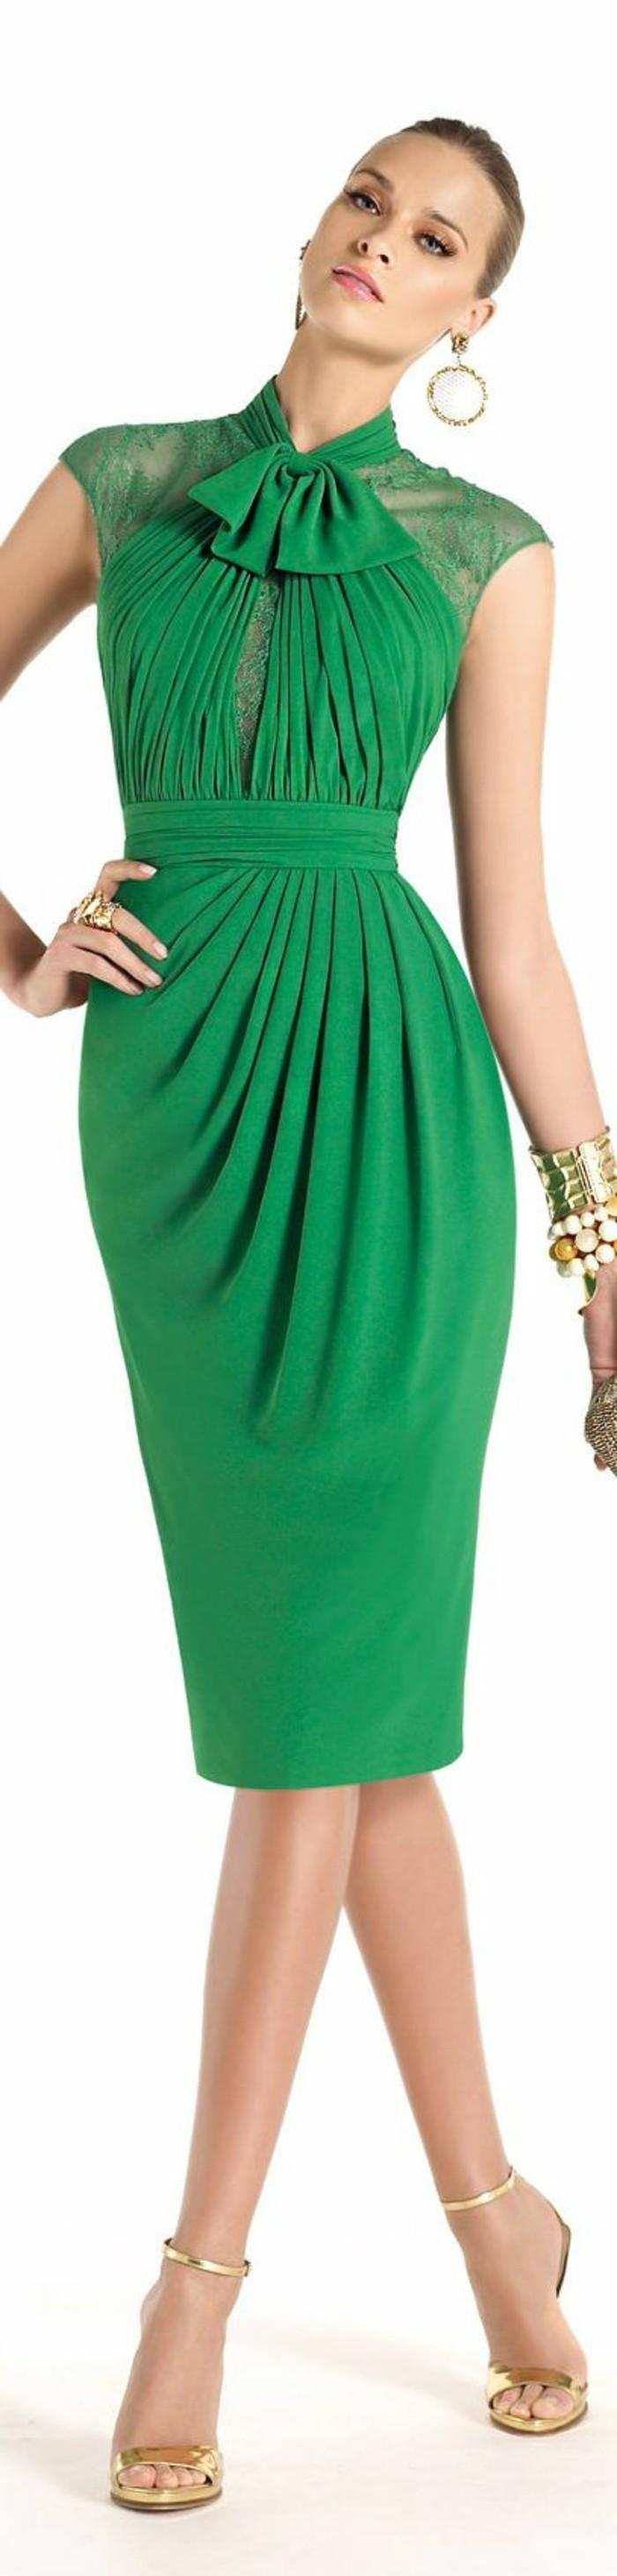 Elegante Kleider für Ihre besondere Anlässe | Schöne ...